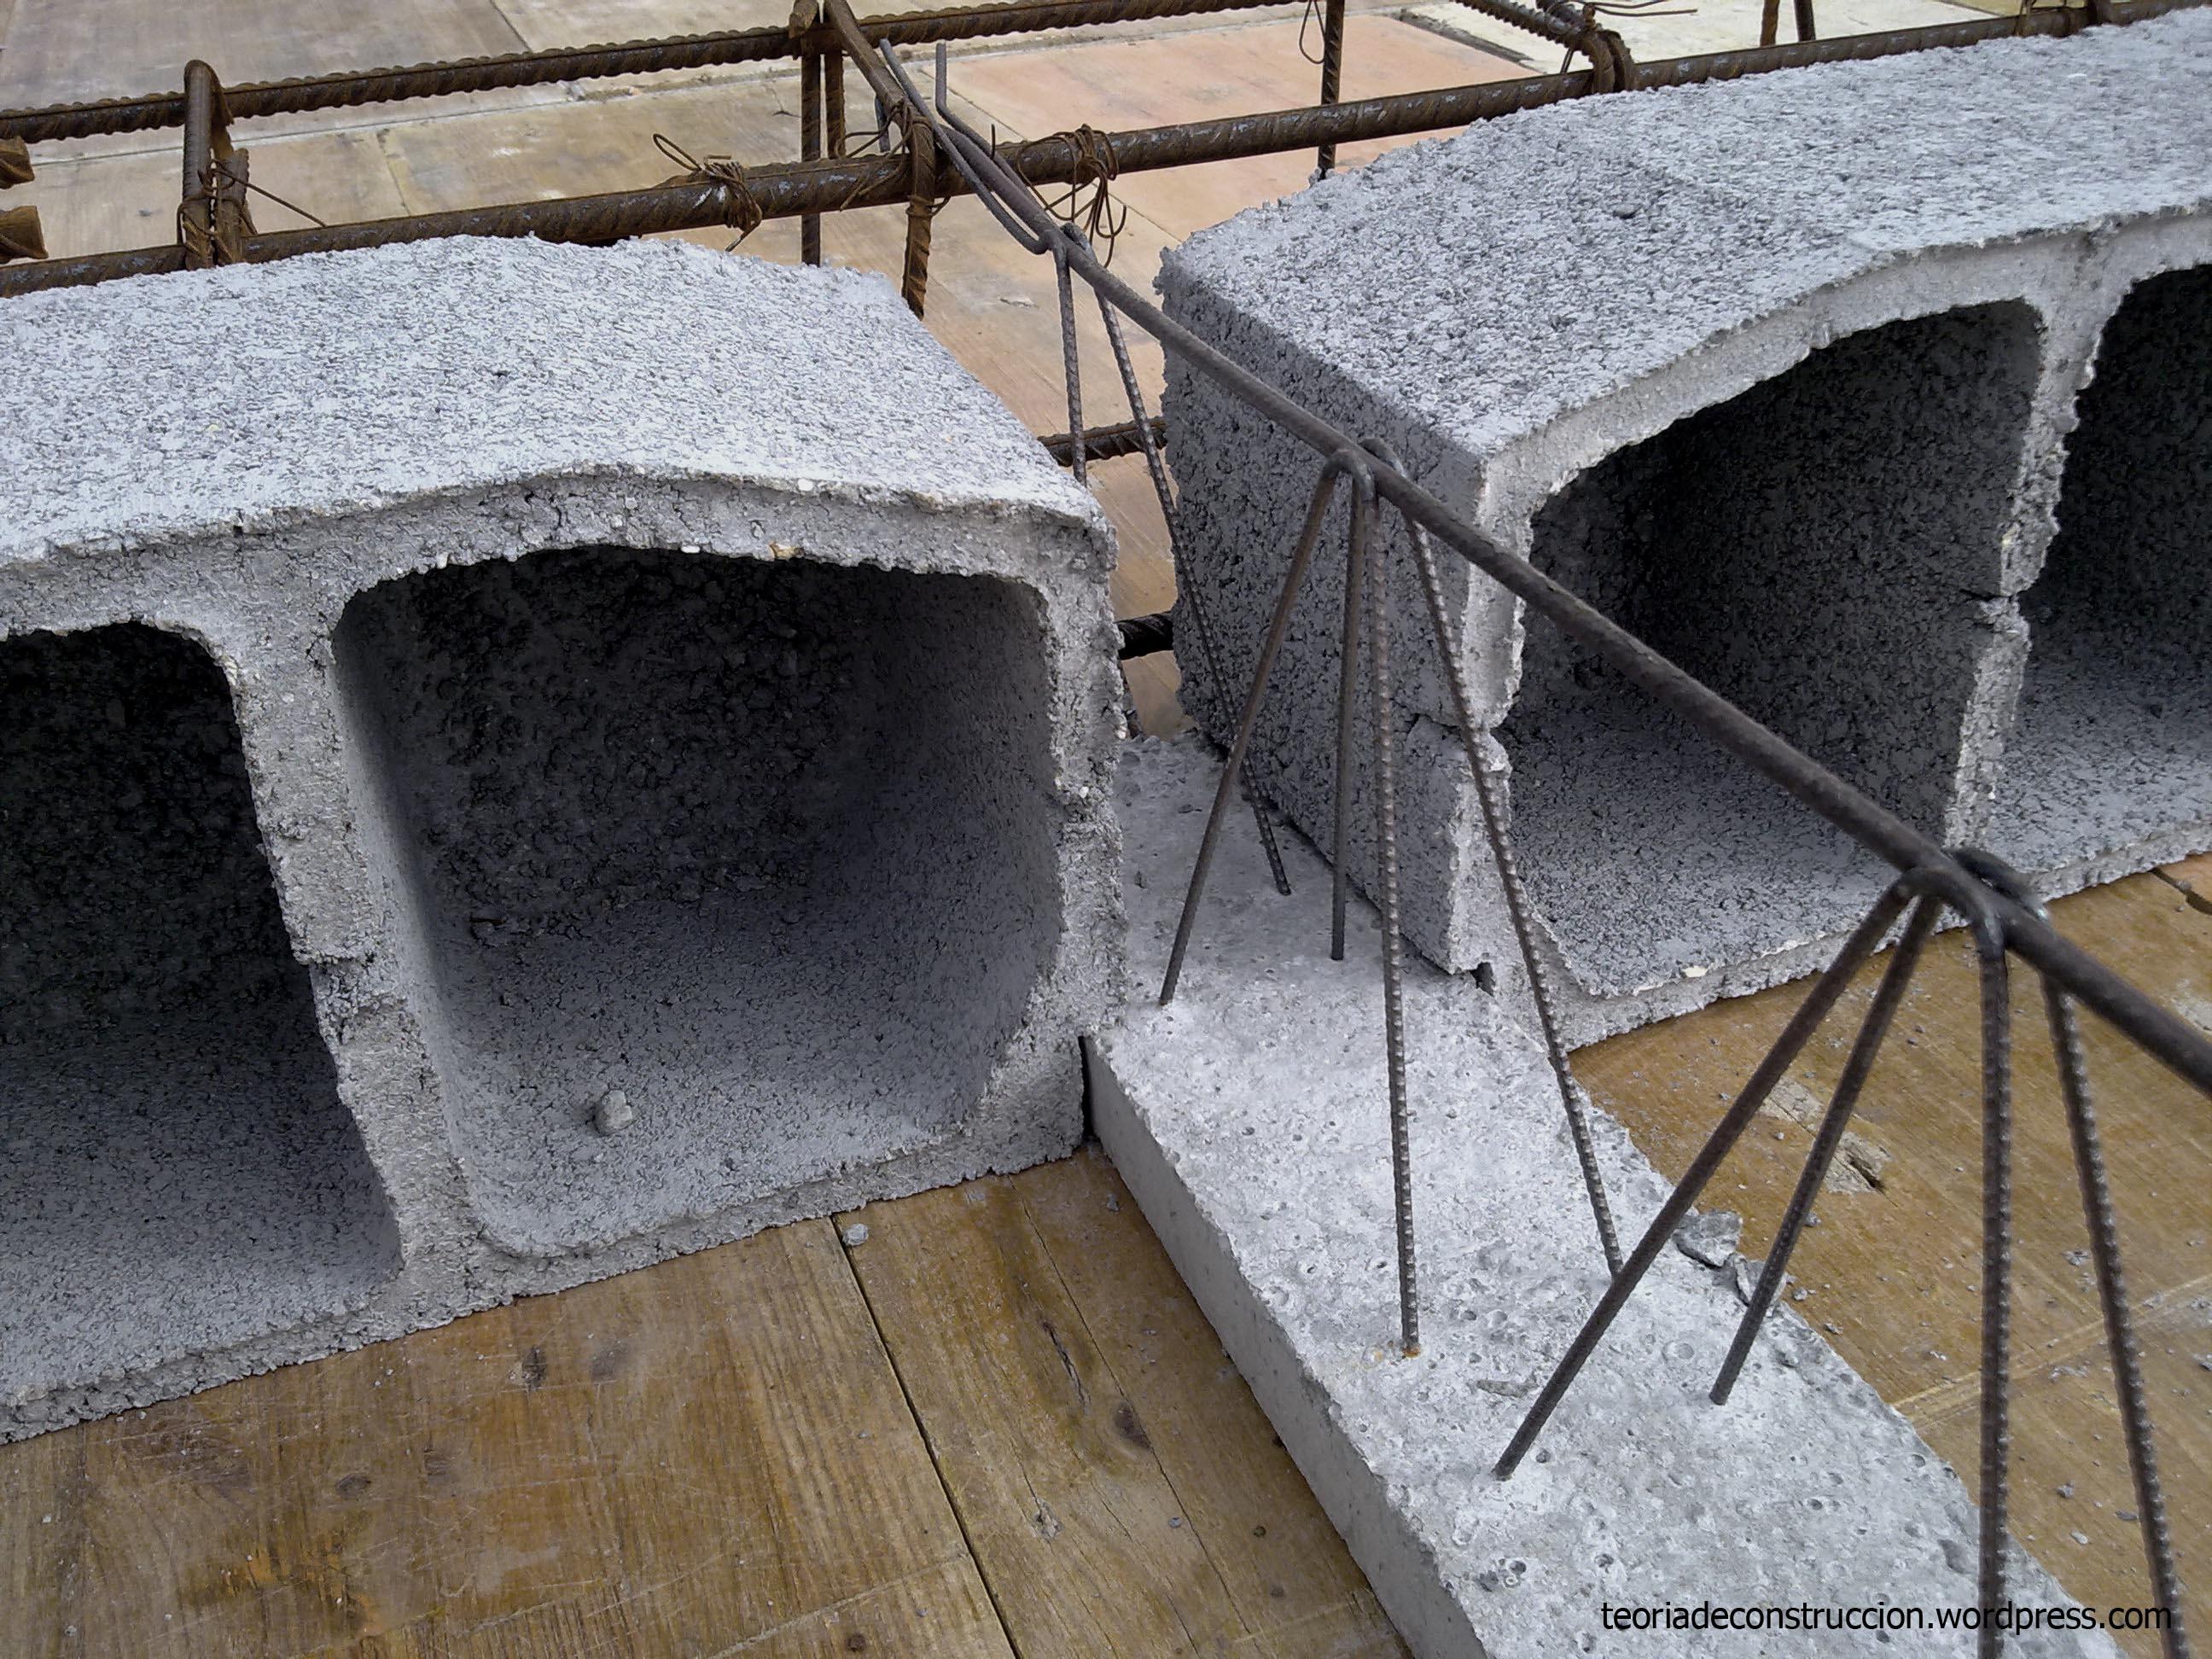 Forjado con bovedillas de mortero de cemento